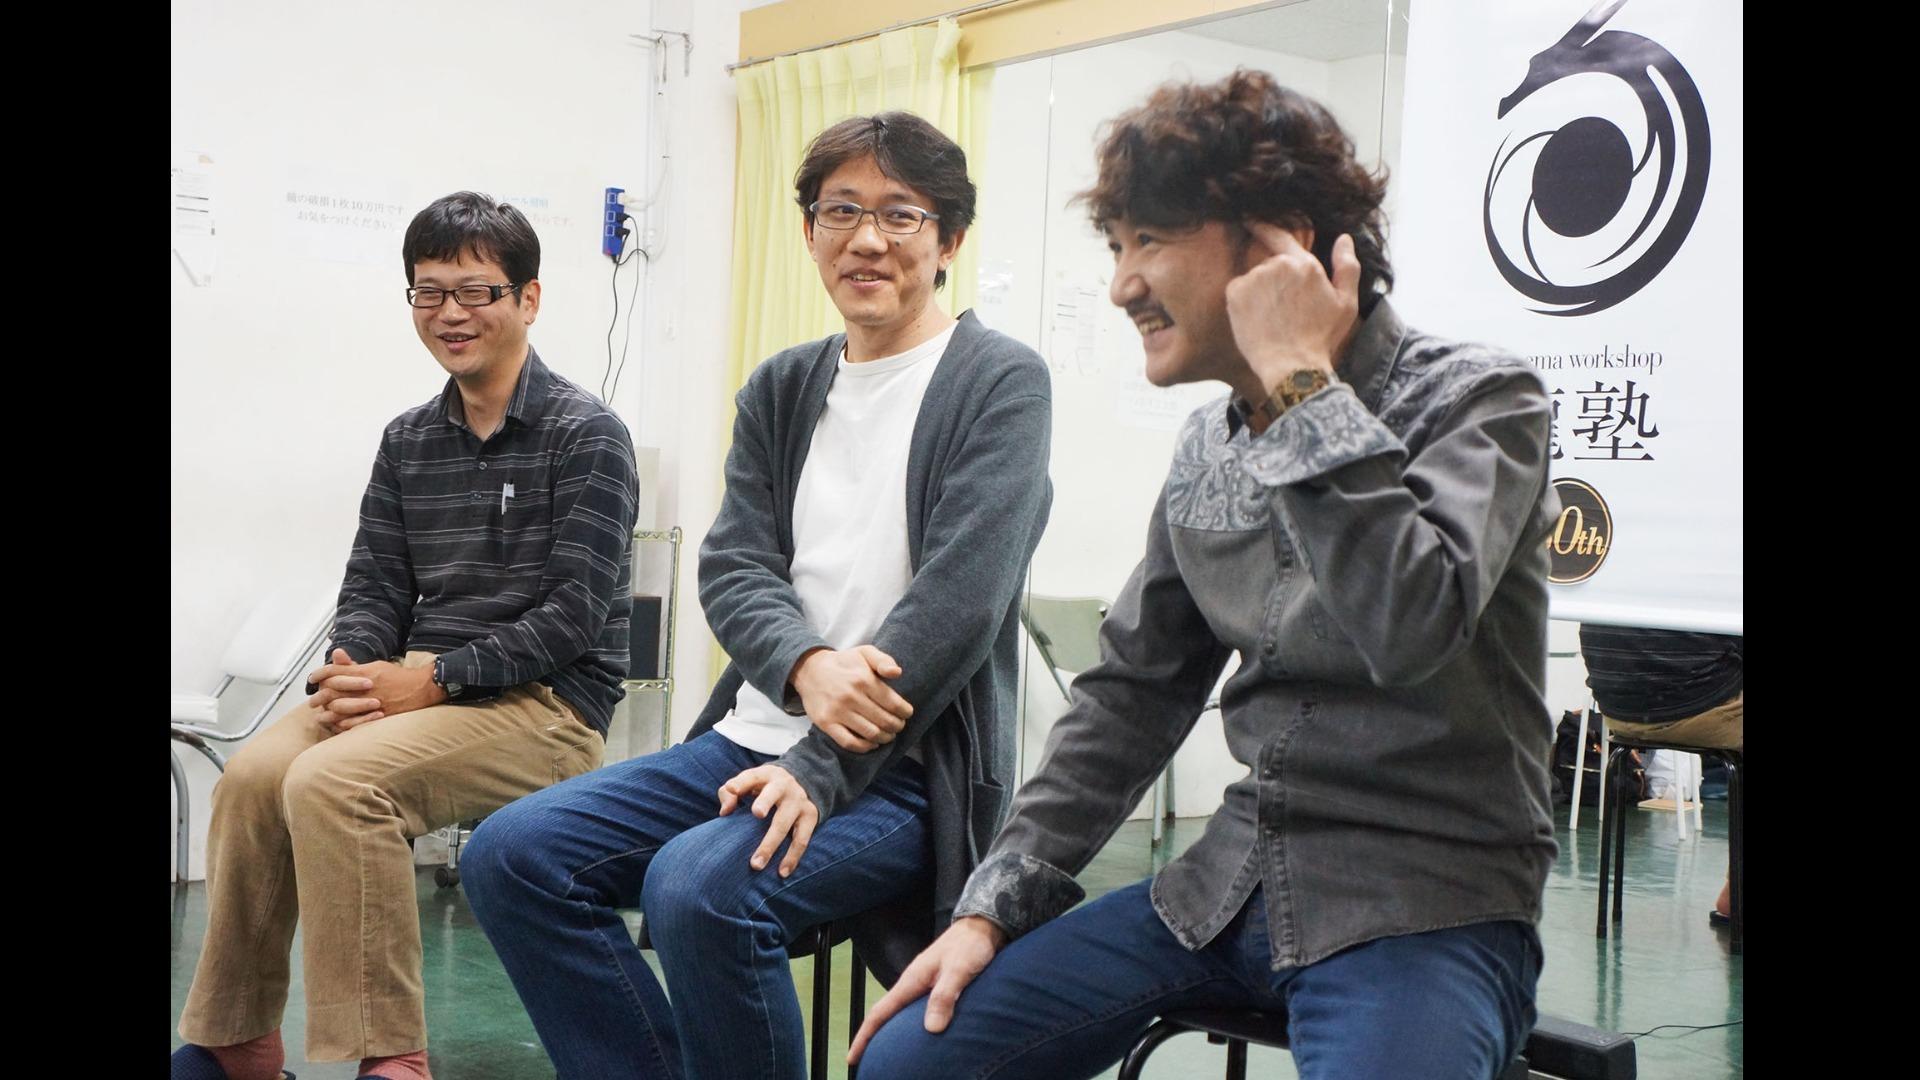 【イベント模様】龍塾×シナリオランド